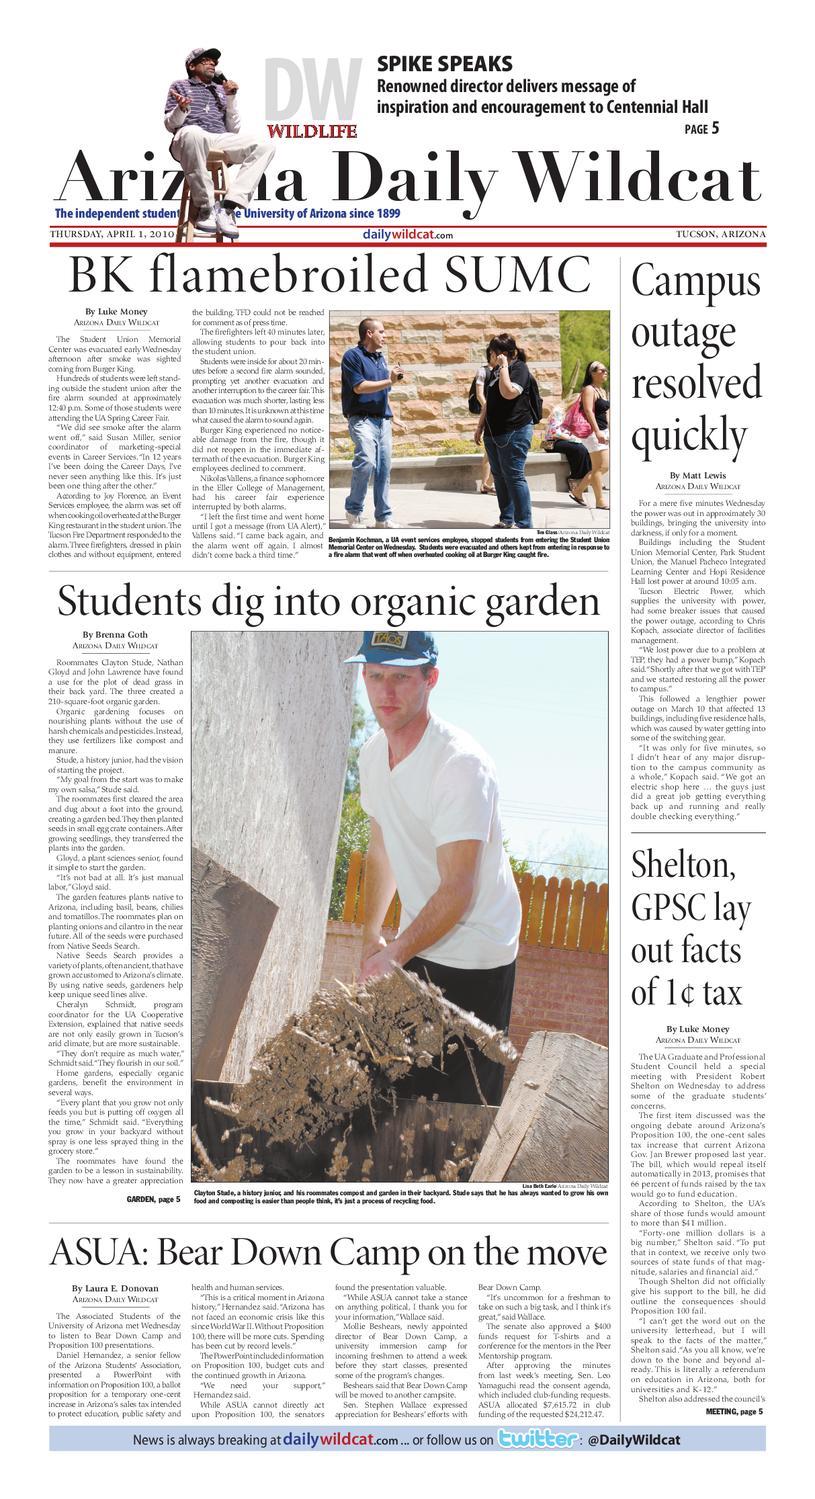 Arizona Daily Wildcat — April 1, 2010 by Arizona Daily Wildcat - issuu